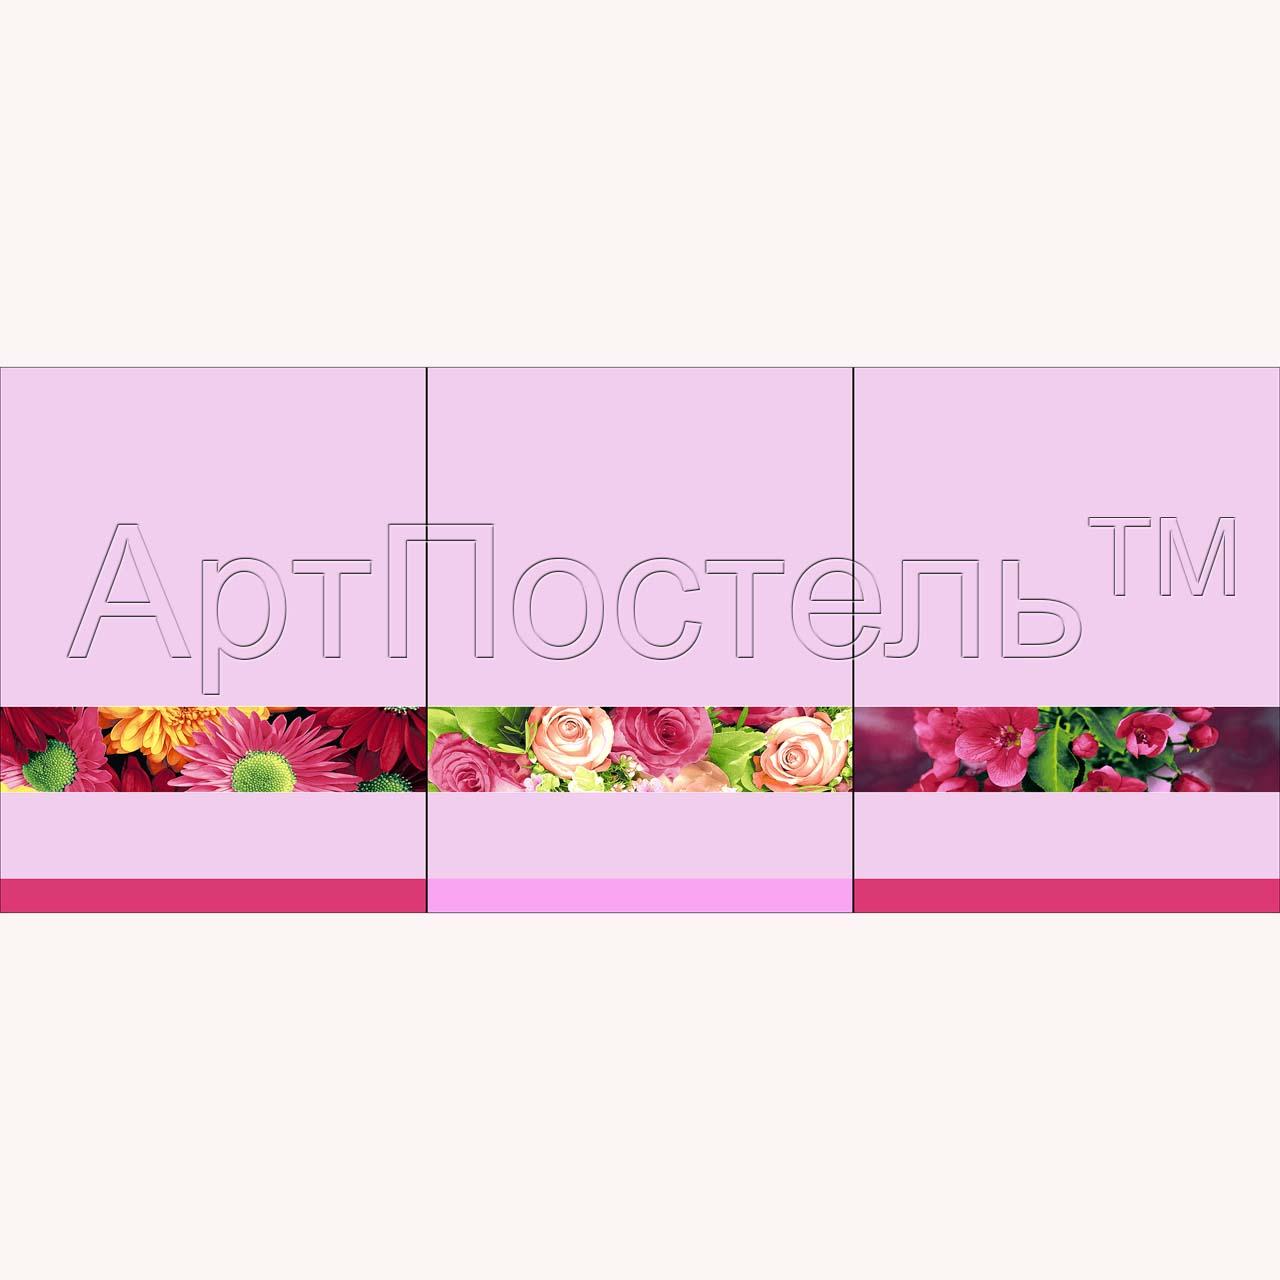 Набор полотенец Цветочная палитра Розовый р. 45х60Вафельные полотенца<br>Плотность:160 г/кв. м<br><br>Тип: Набор полотенец<br>Размер: 45х60<br>Материал: Вафельное полотно